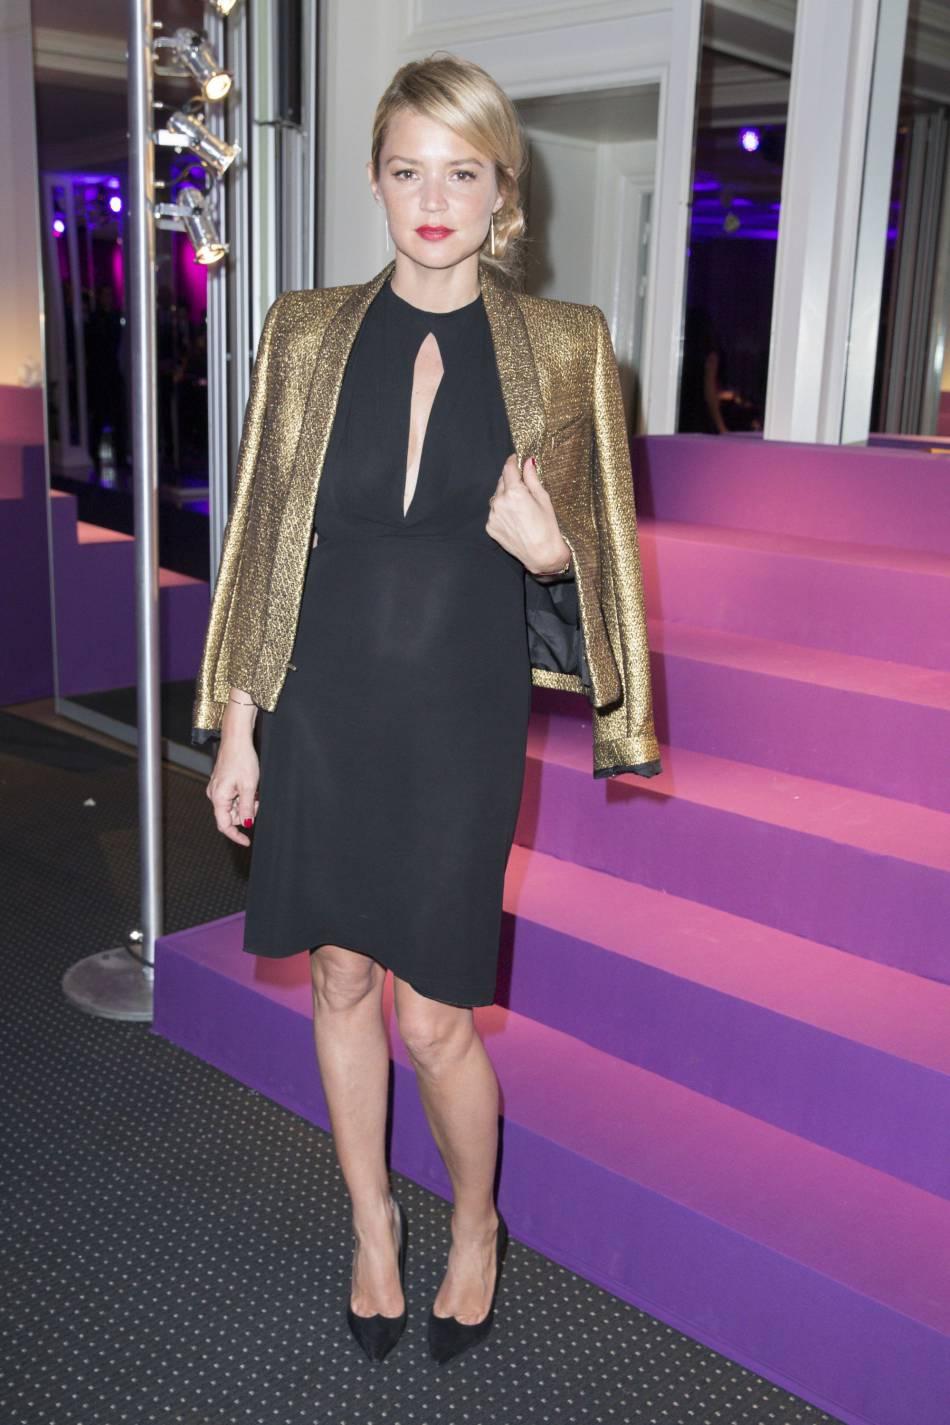 Virginie Efira et la veste dorée chic et audacieuse en 2014.